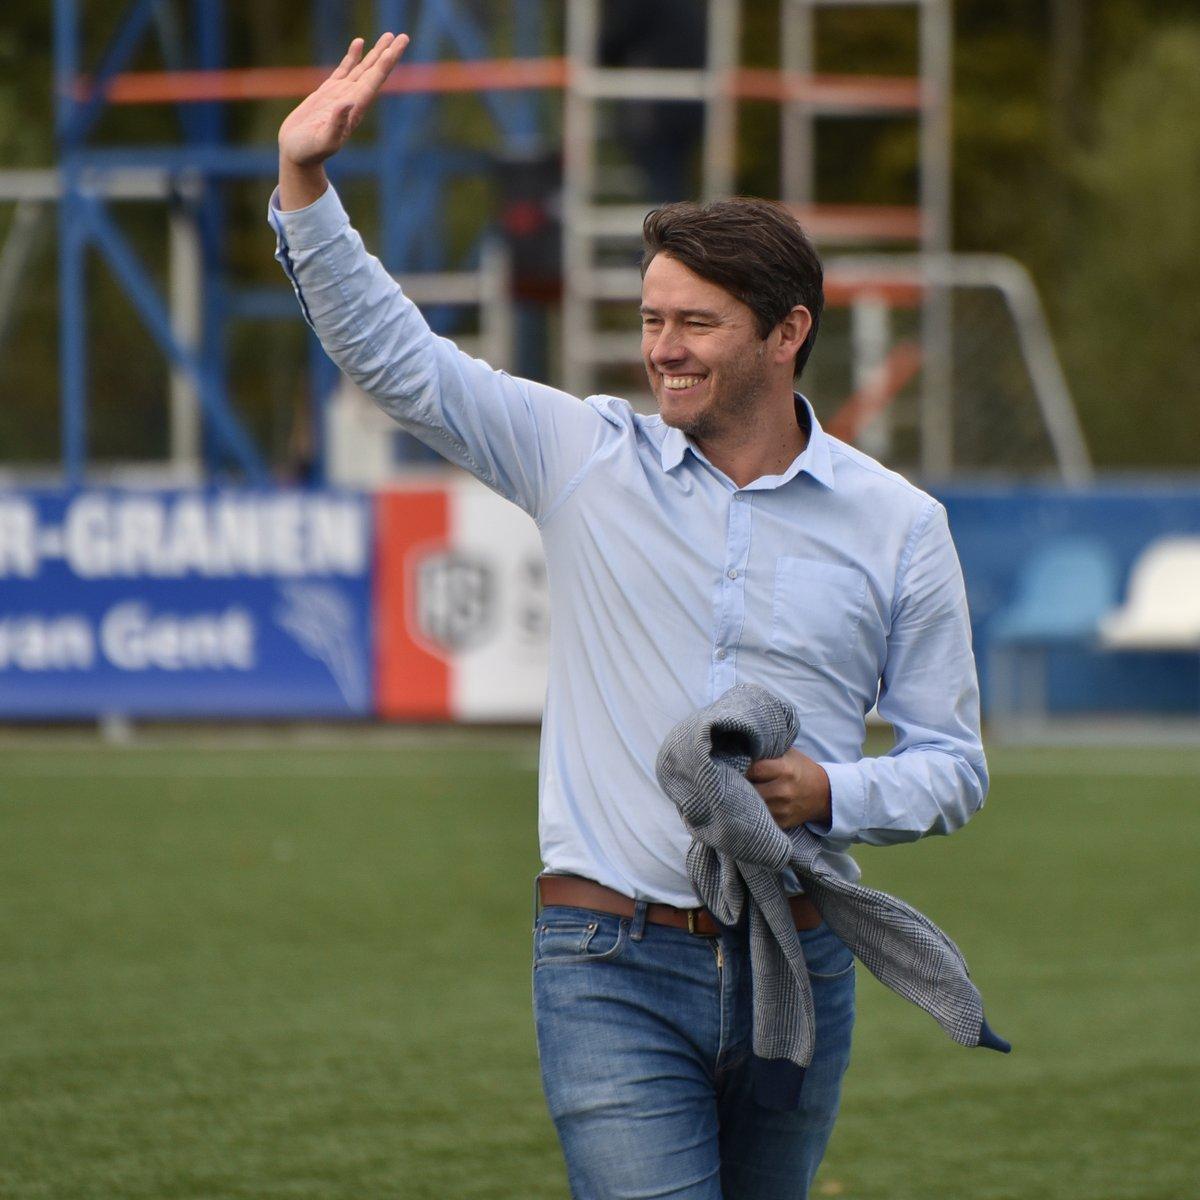 Lieven Gevaert heeft deze week zijn contract als trainer van @hsvhoek met één jaar verlengd. De club haalt met Geert Vermeire (51) ook een nieuwe keeperstrainer binnen. Hij is de opvolger van Gilles Berckmoes, die dit seizoen kortstondig bij de derdedivisionist werkte. https://t.co/OrNWfIlxkP